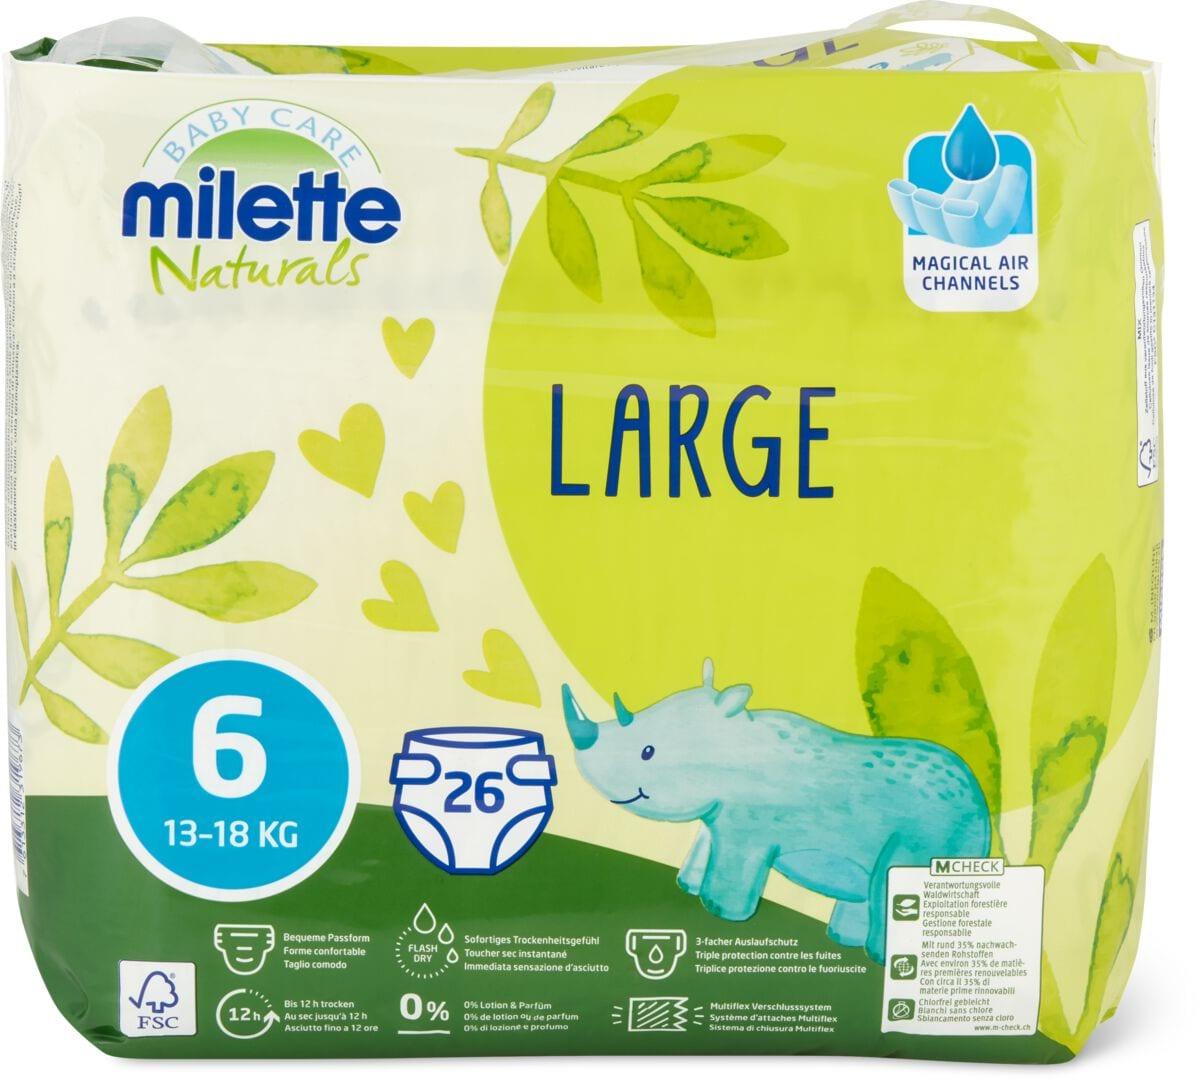 Milette Naturals Large 6